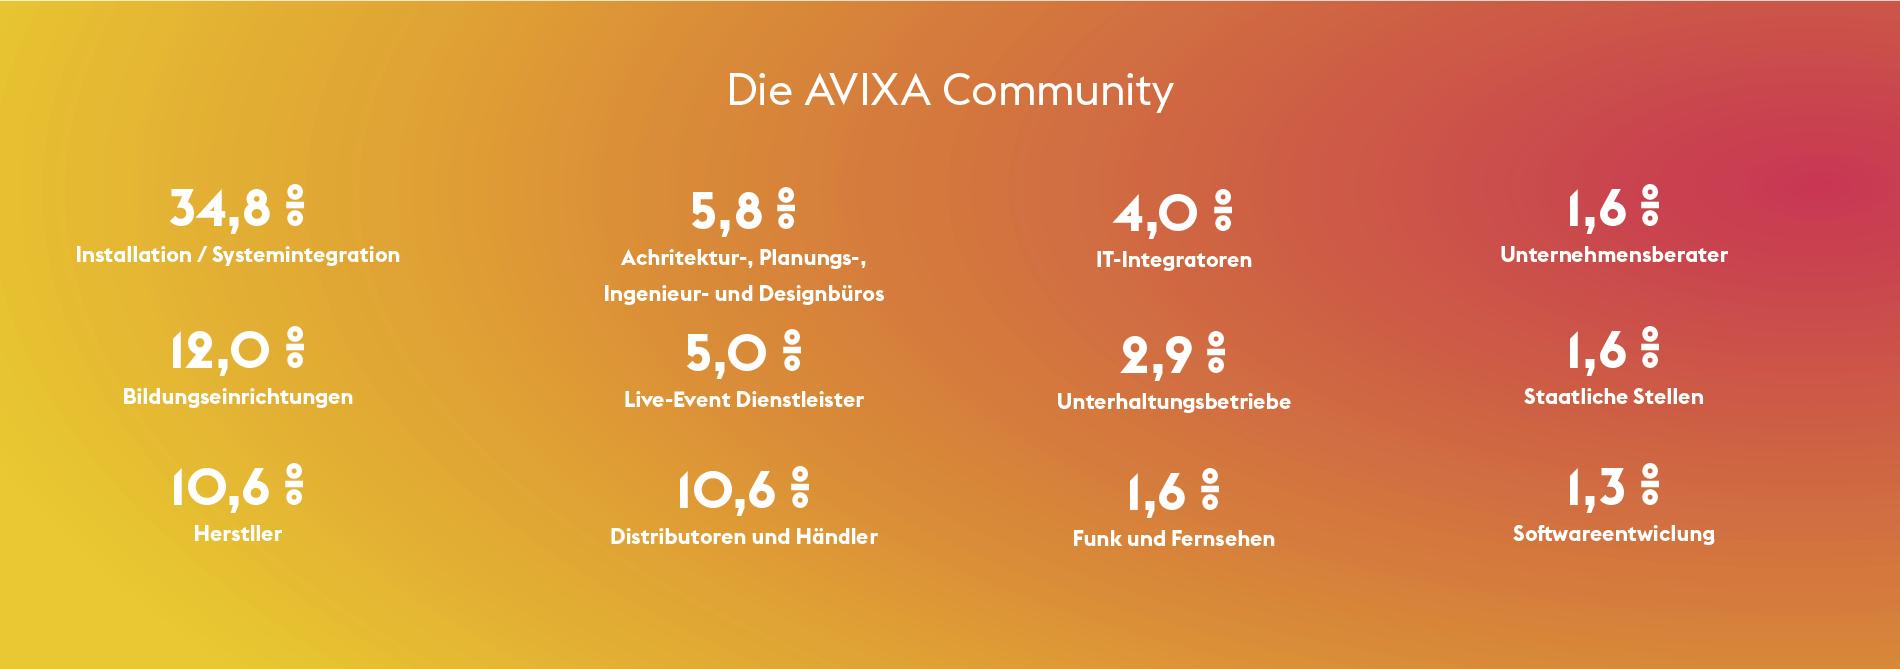 Die AVIXA Community